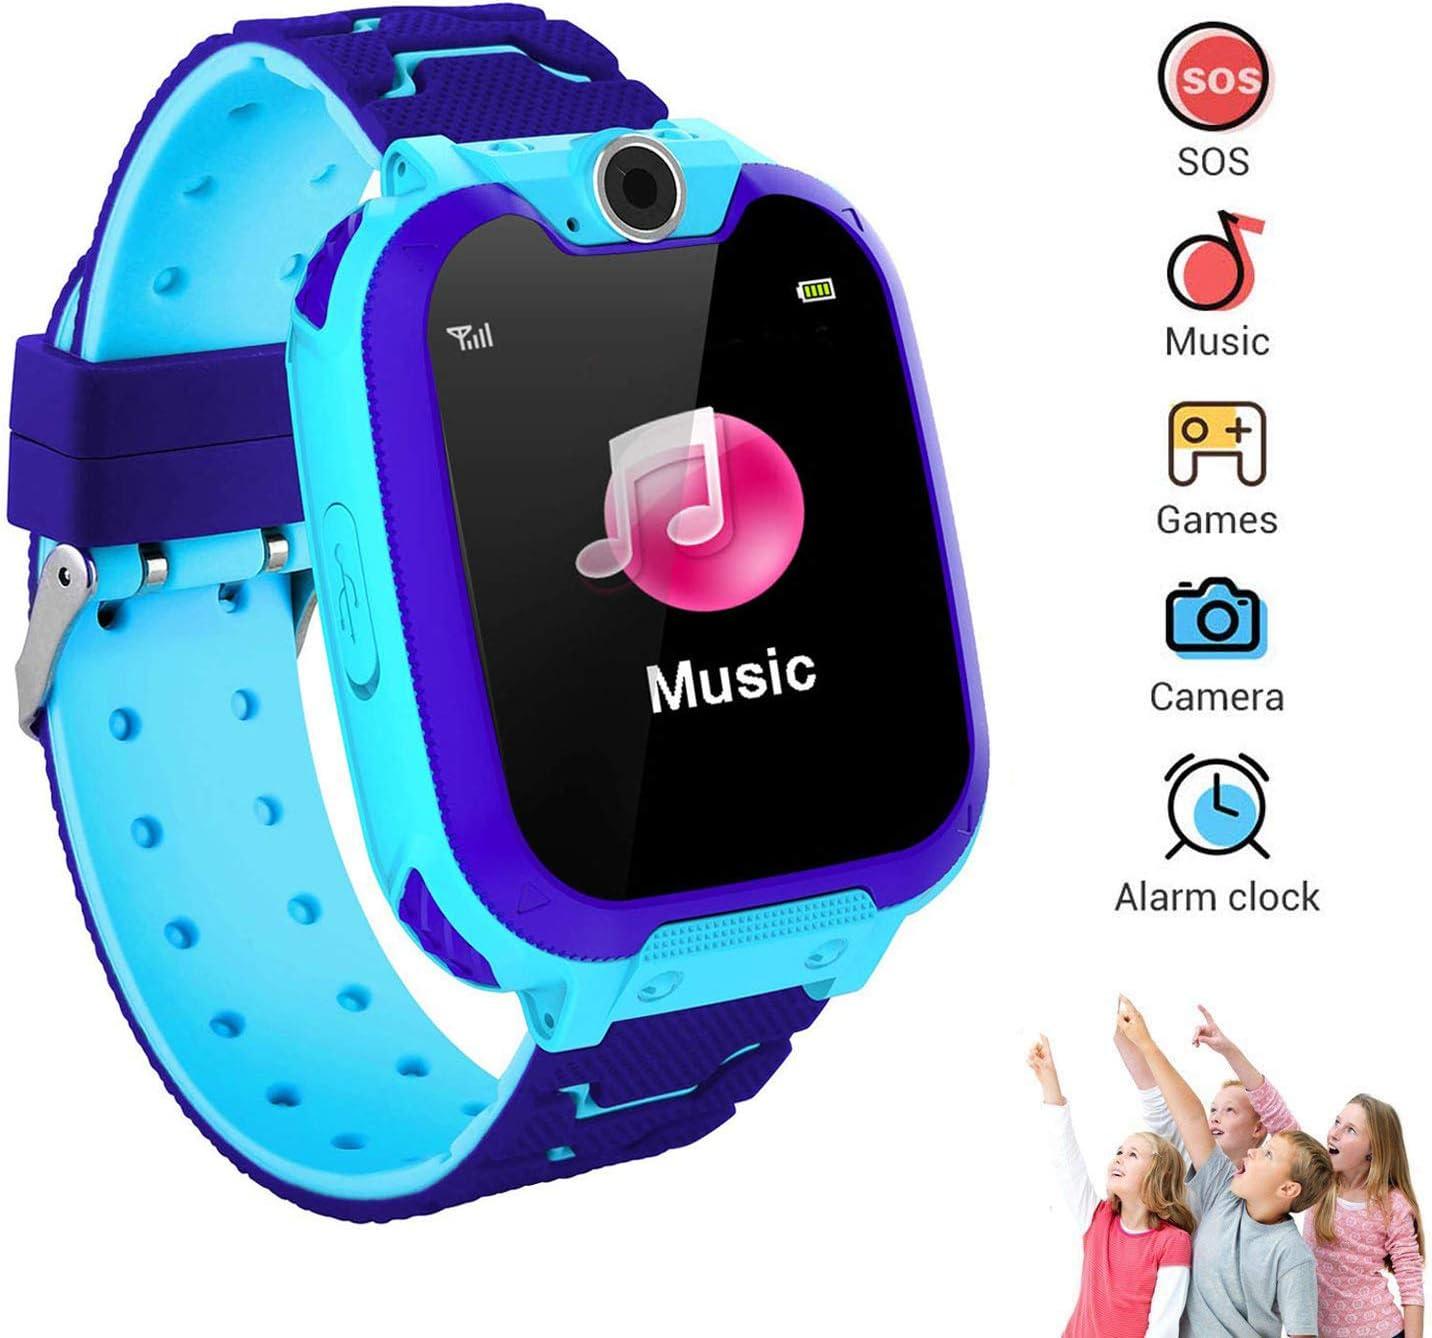 Winnes Reloj Inteligente para Niños, Niña La Musica y 7 Juegos Smart Watch Phone, 2 Vías Llamada Despertador de Cámara para Reloj Niño y Niña 3-12 años (Azul)